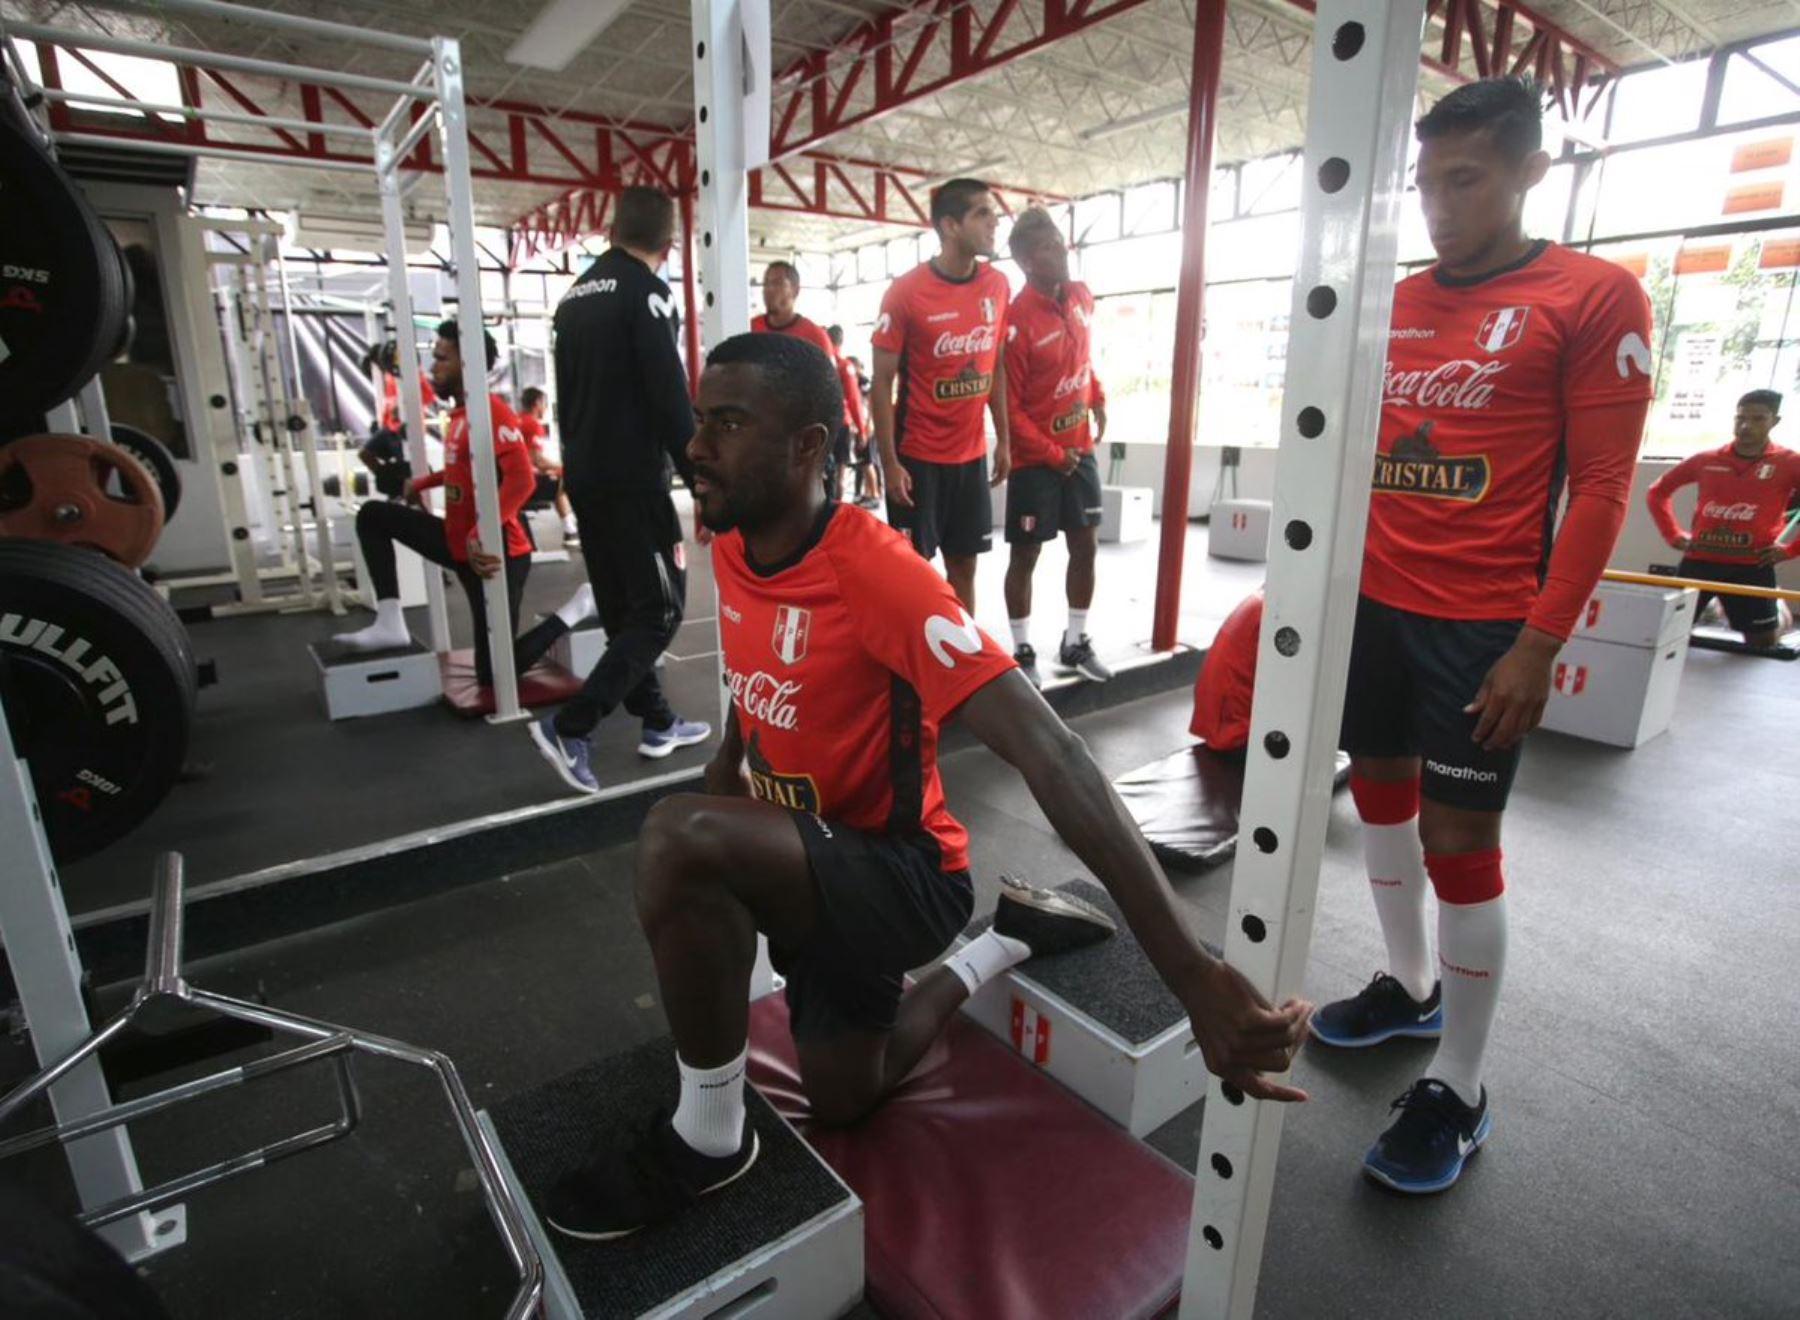 El defensor Christian Ramos de la selección peruana  entrena con sus compañeros en la Videna. Foto:ANDINA/FPF